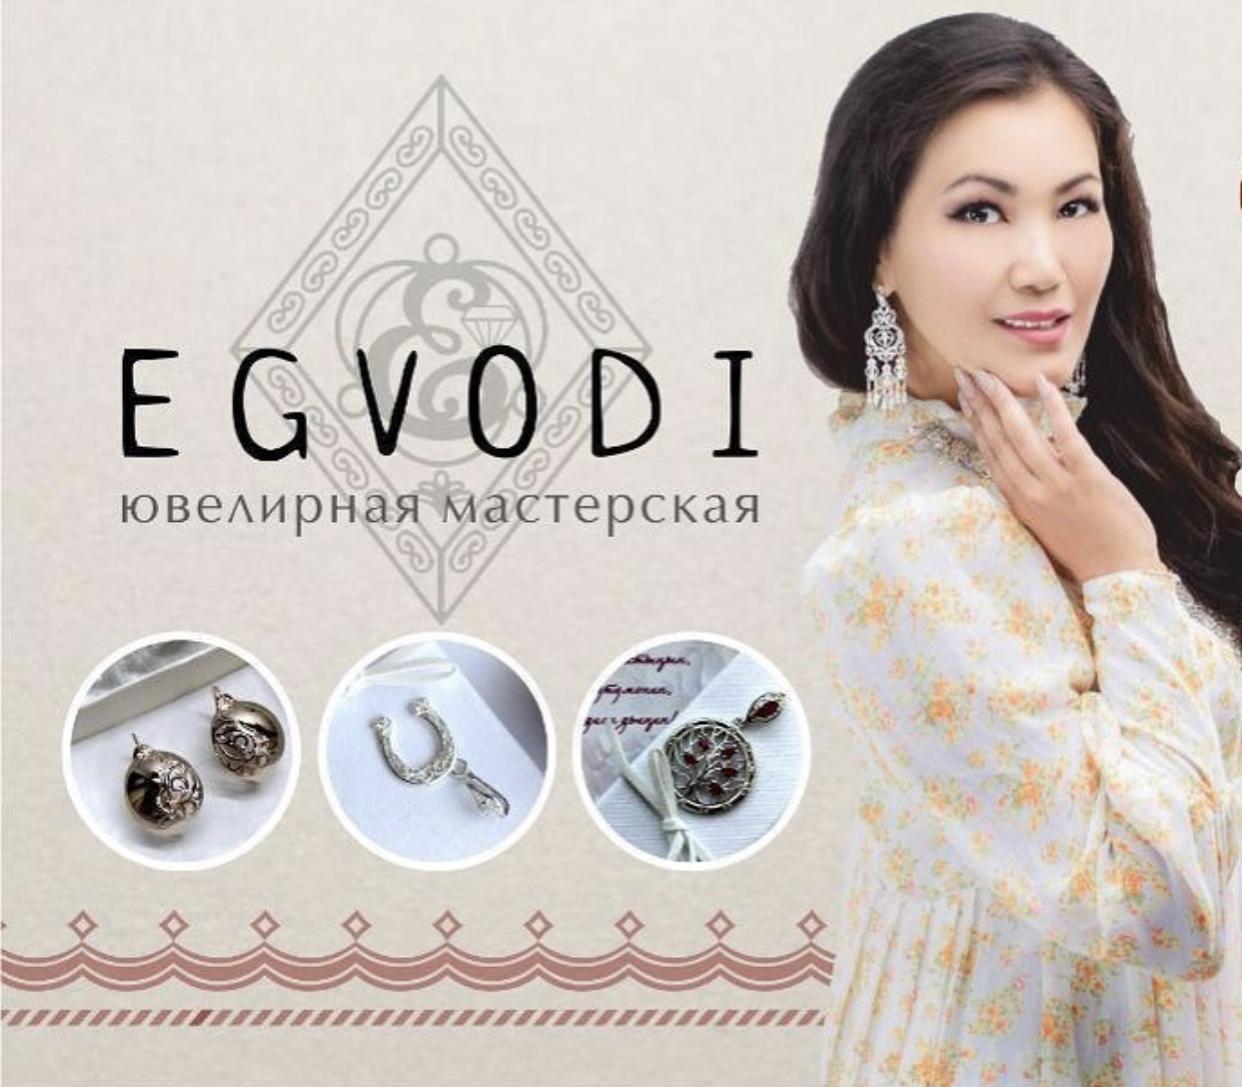 Ювелирная компания EGVODI — семейная ювелирная мастерская с самыми доступными ценами